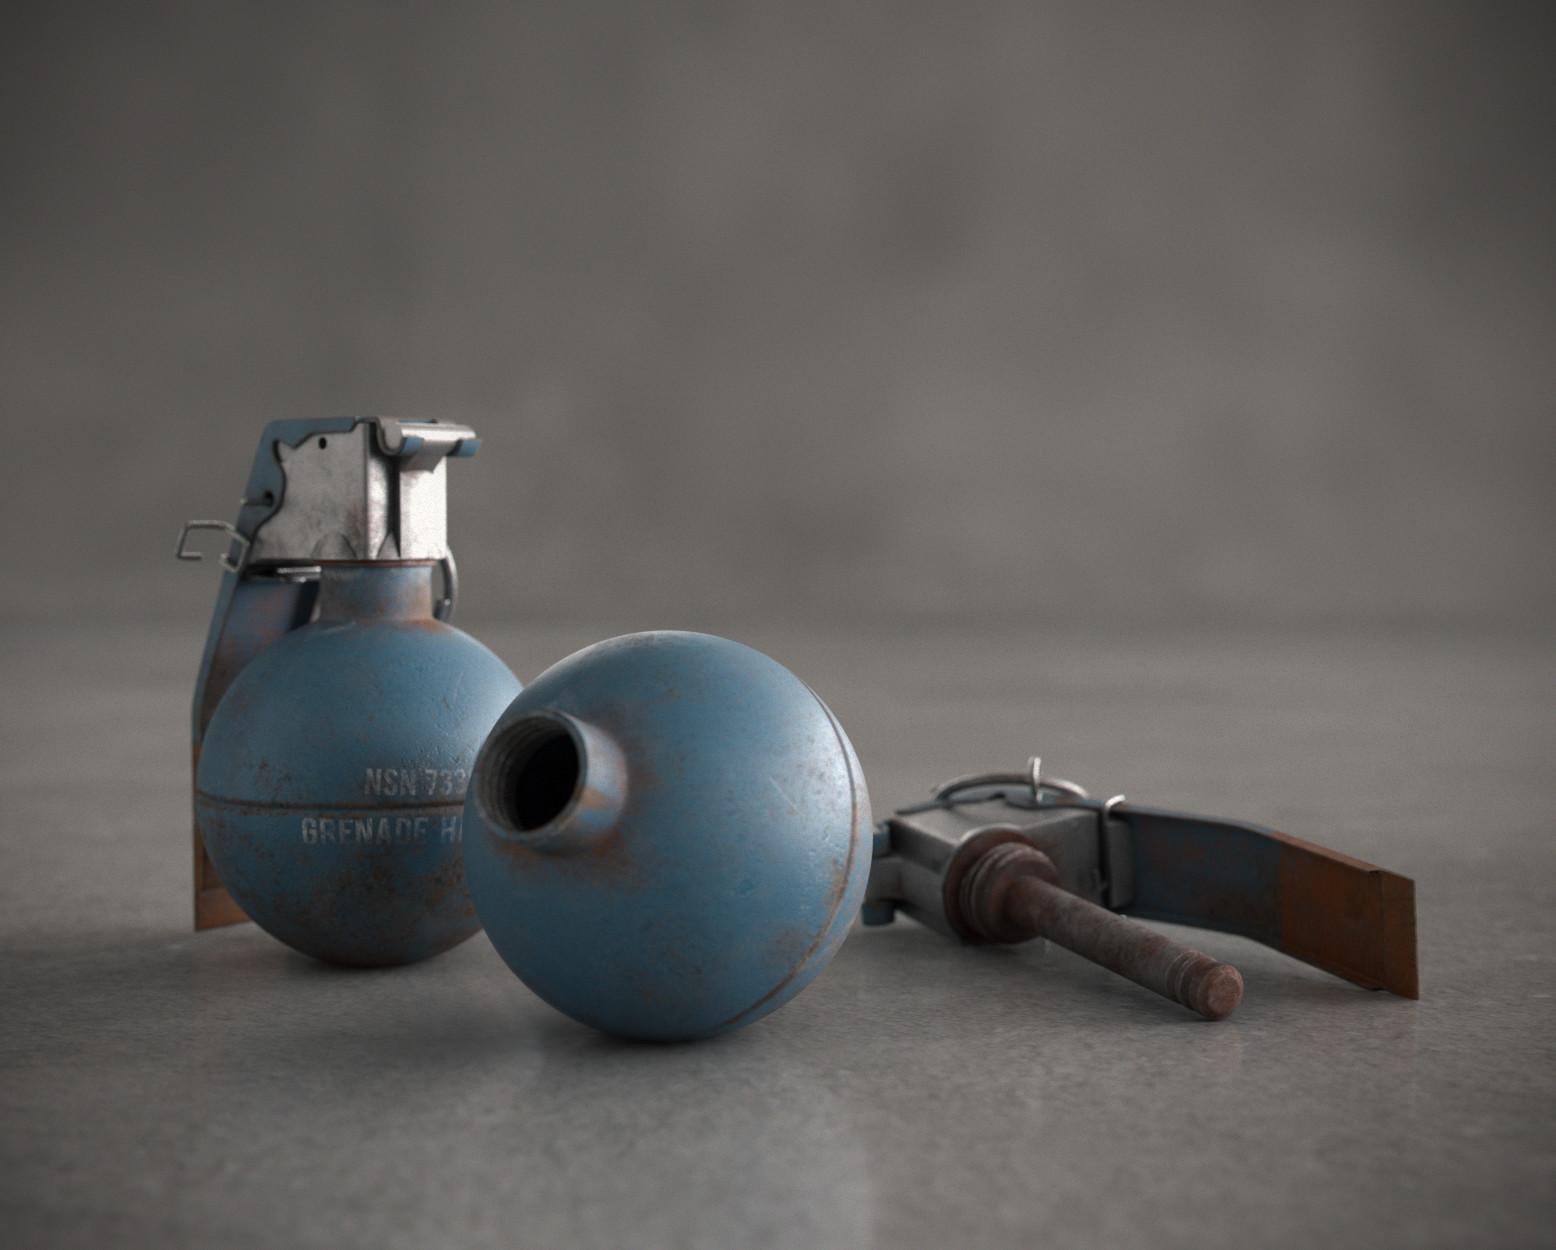 ArtStation - Grenade Hand Practice - M69 | Studies #01